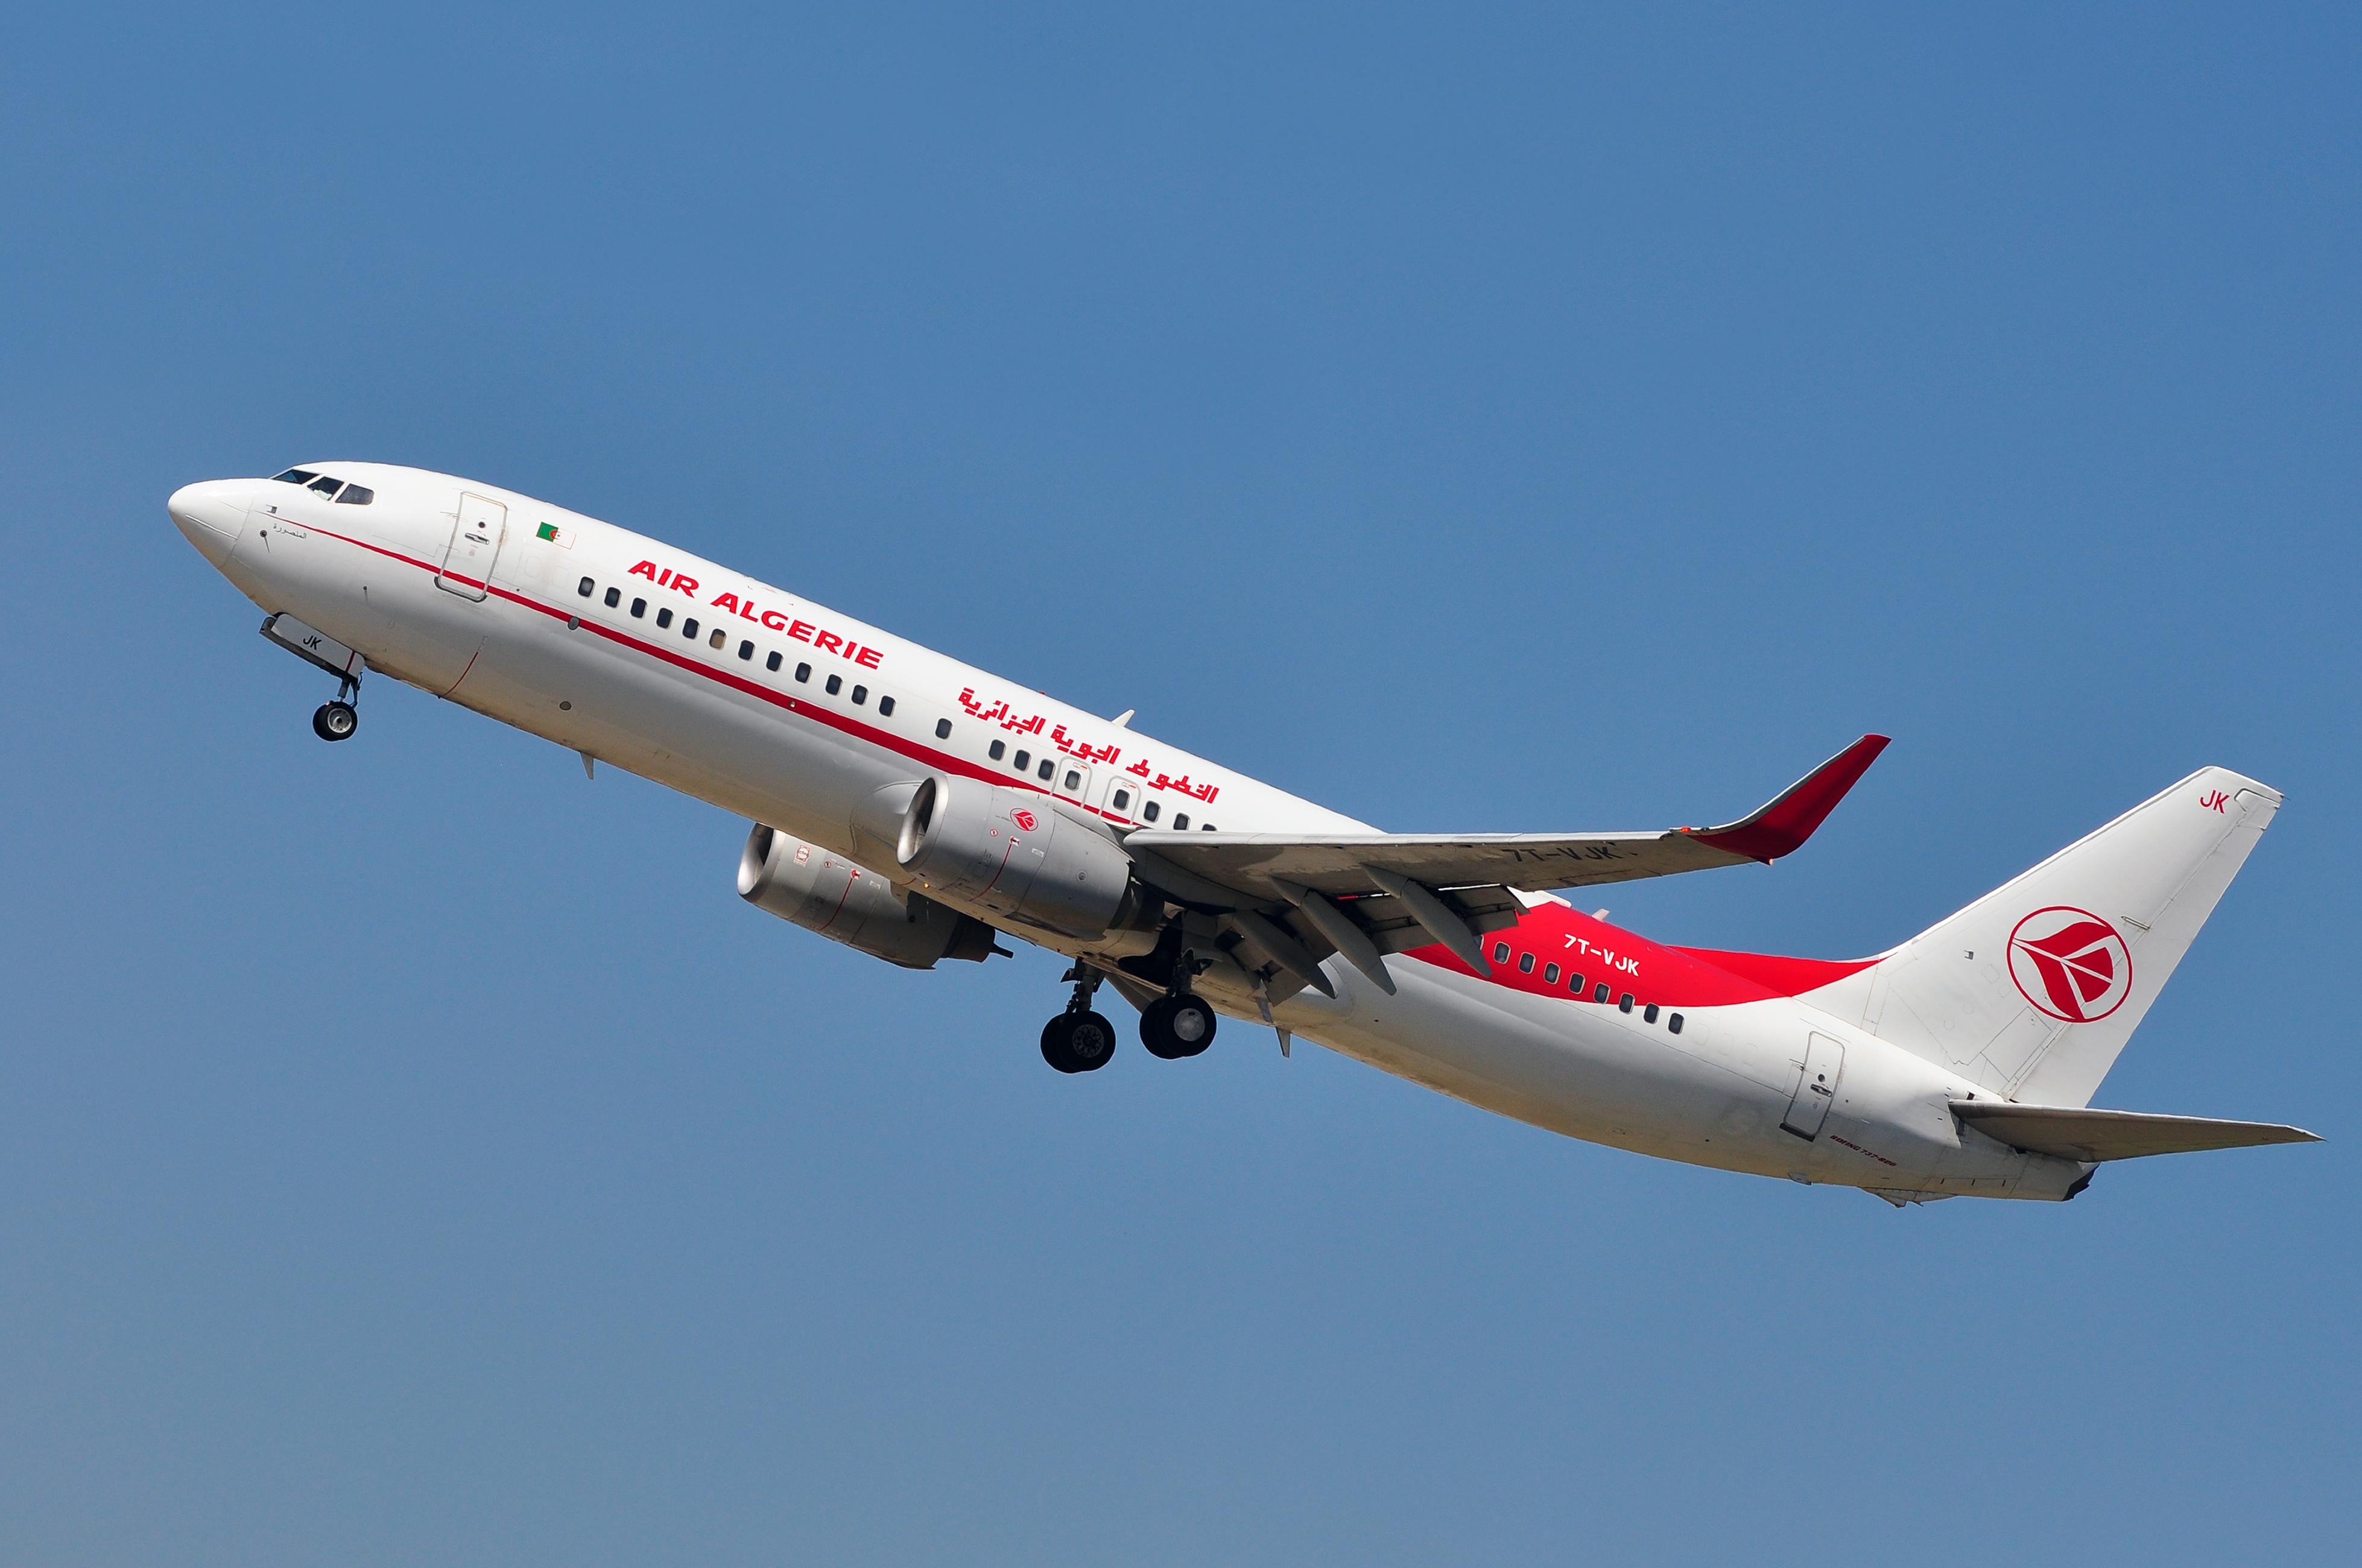 Avionul Air Algerie, care a disparut sambata de pe radare, deasupra Mediteranei, a reusit sa aterizeze. Ce s-a intamplat